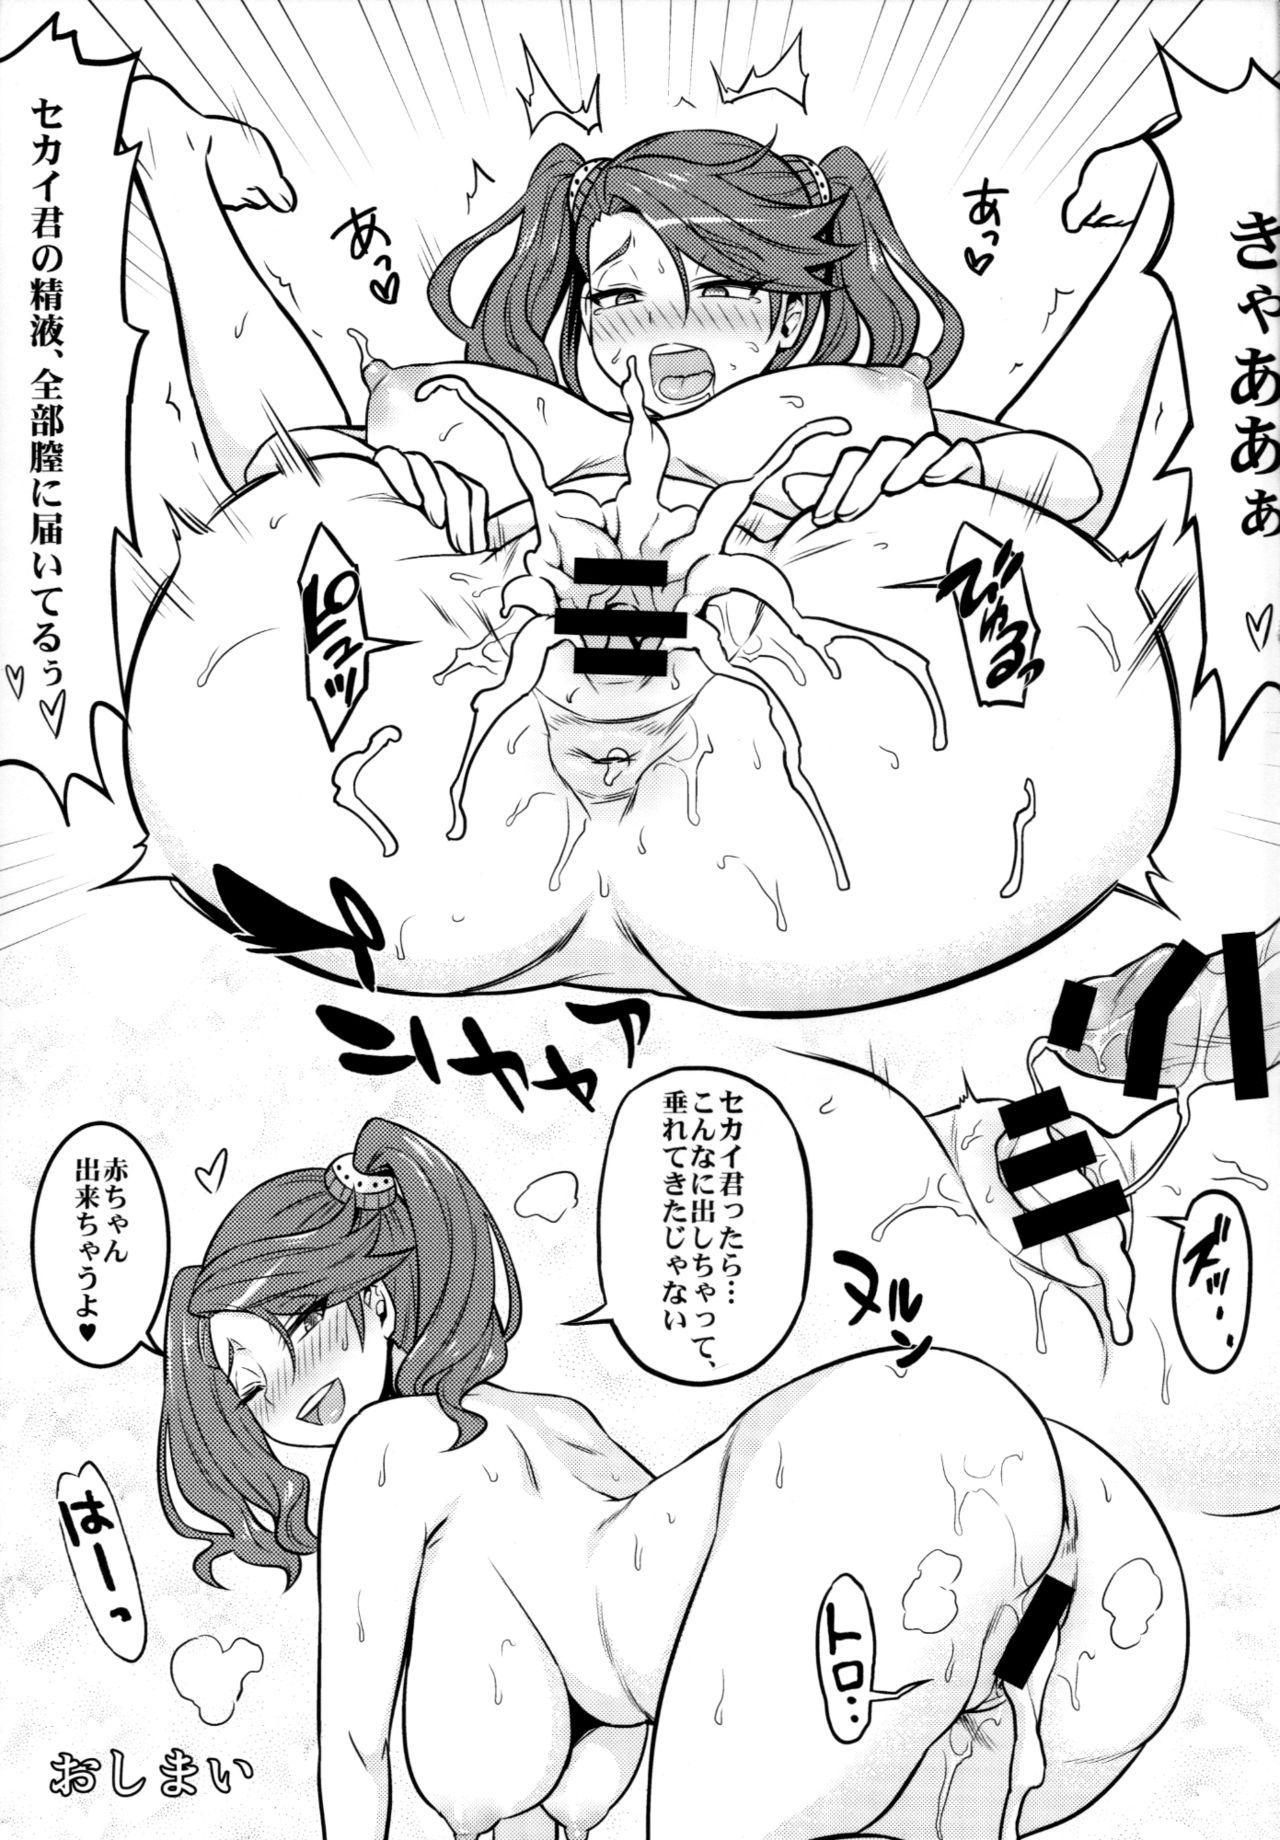 Nayamashii Fighters 21